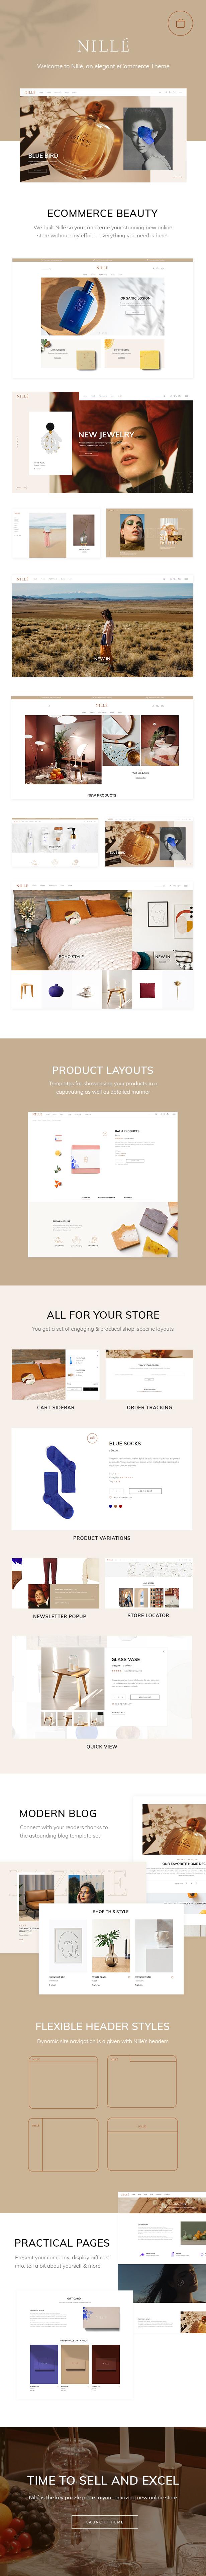 Wordpress Shop Template Nillé - Elegant eCommerce Theme